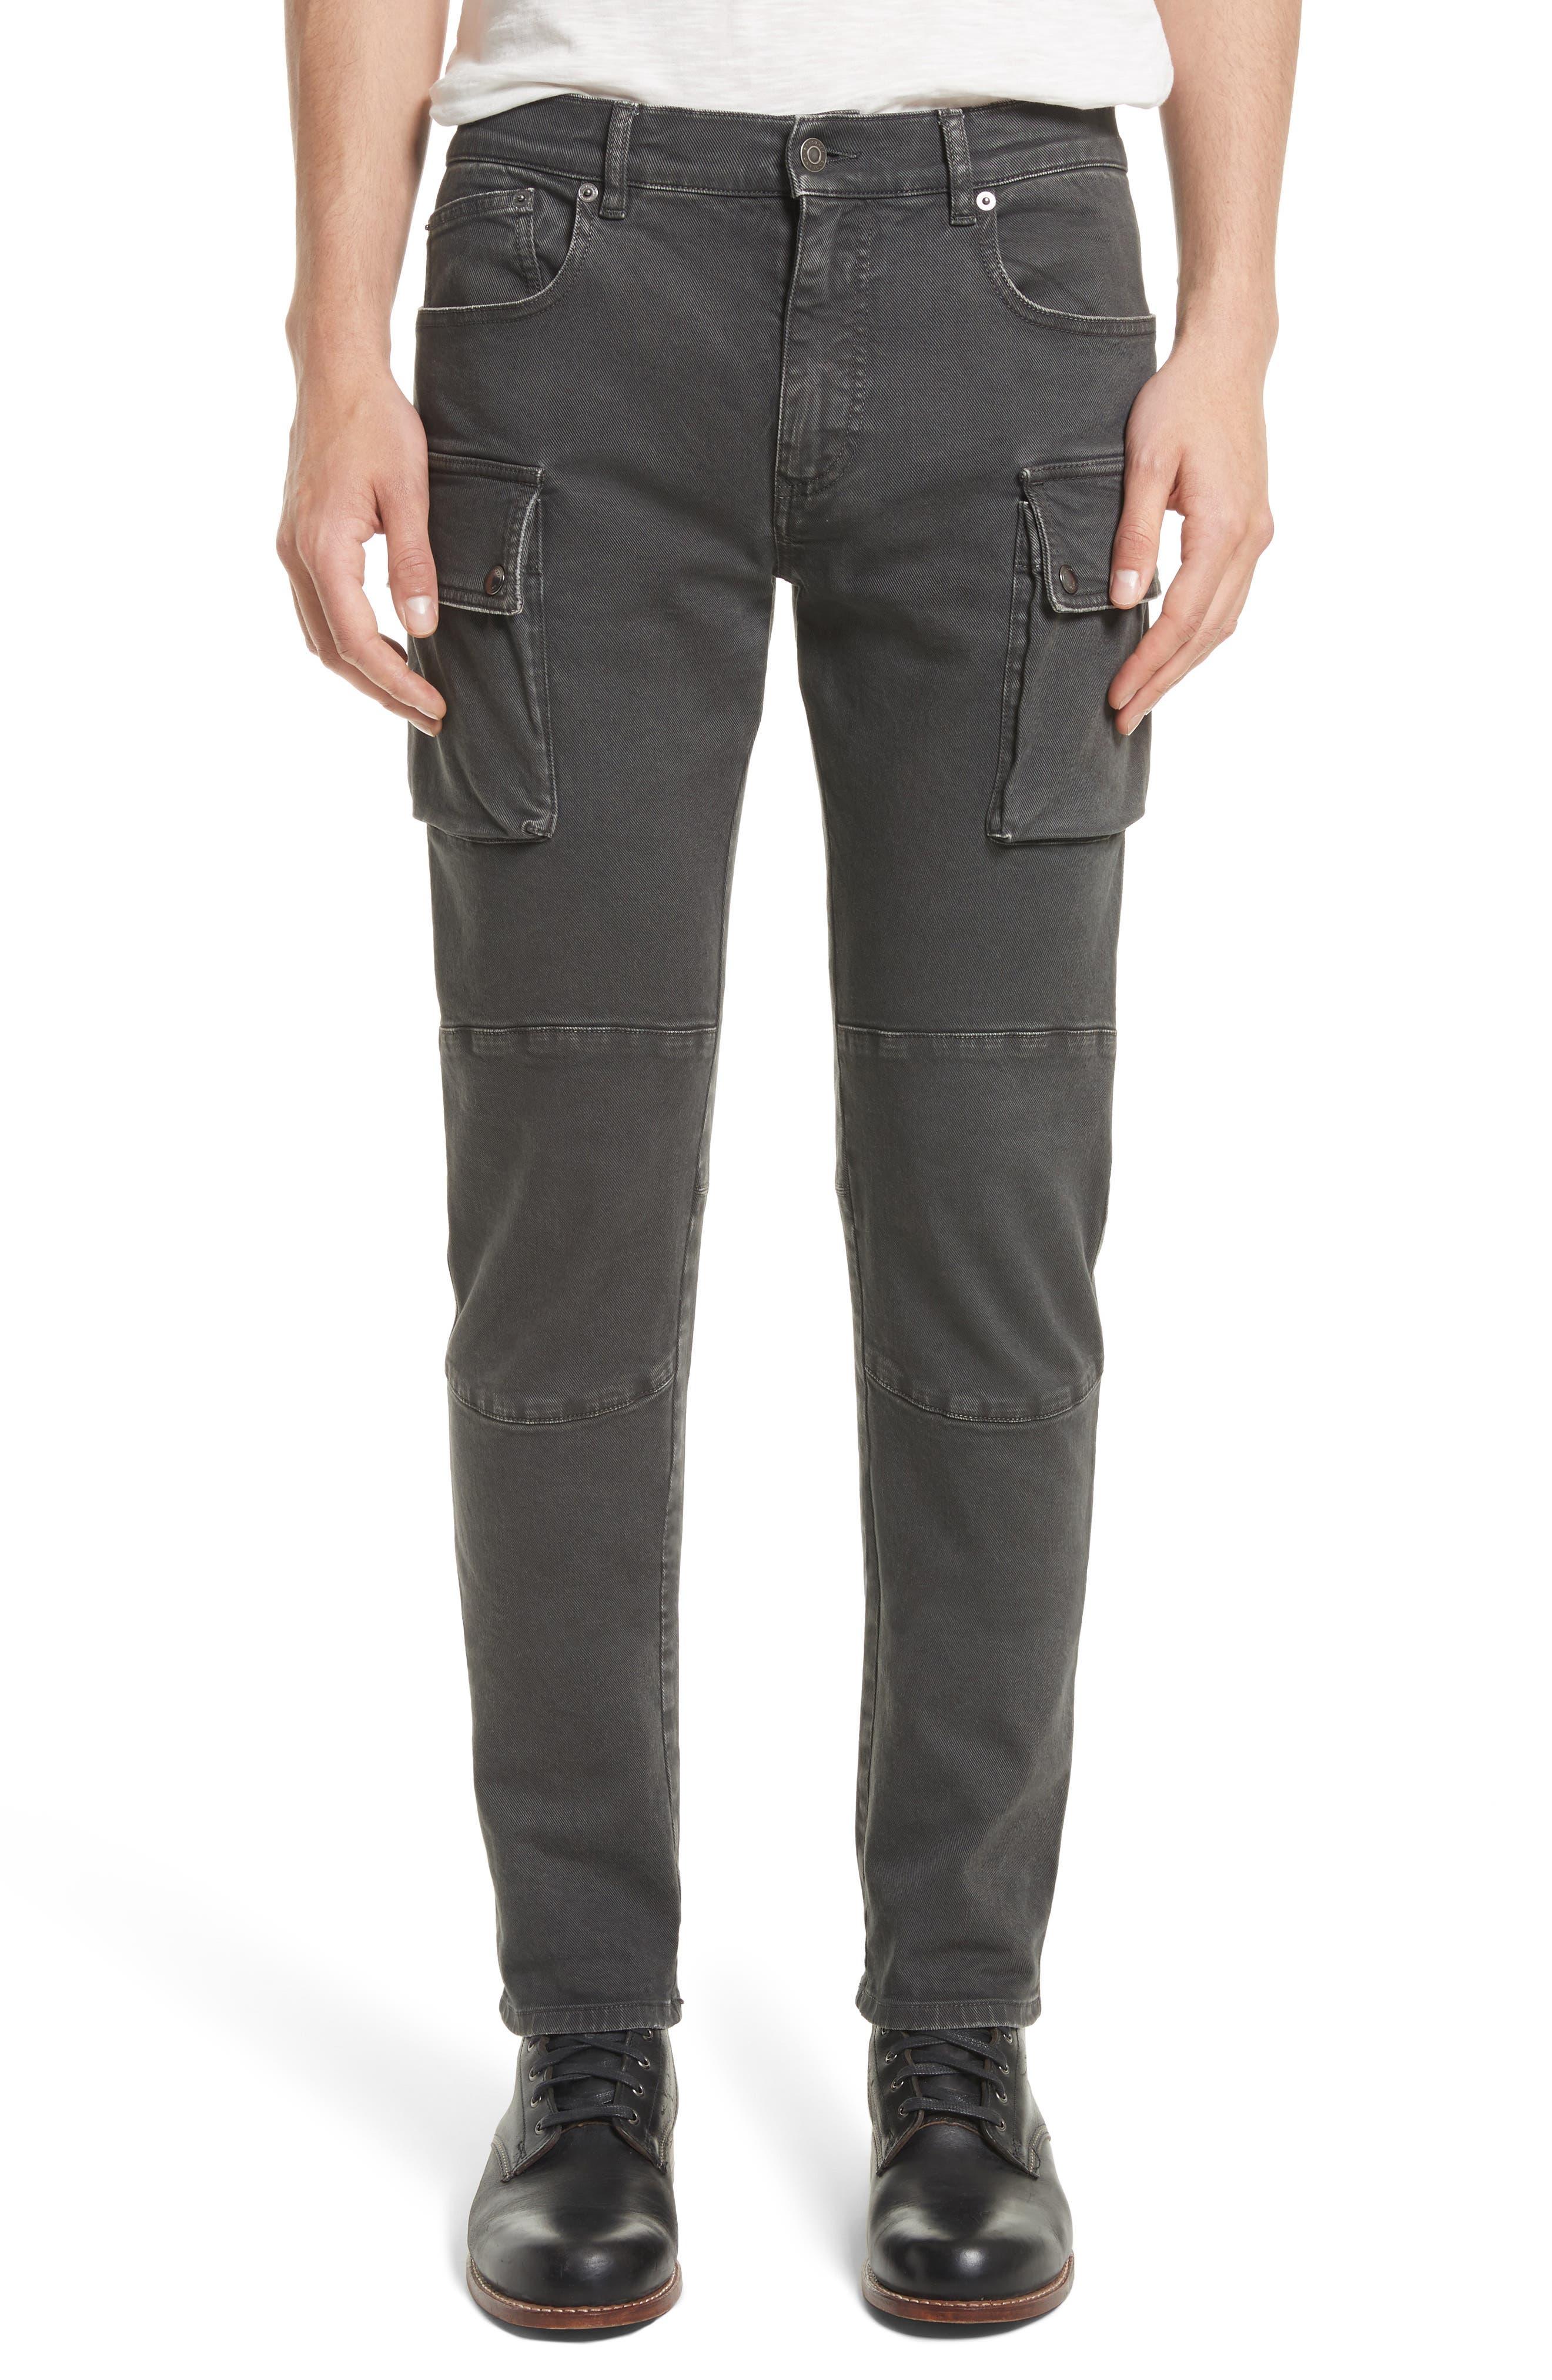 Belstaff Westward Tapered Fit Cargo Jeans